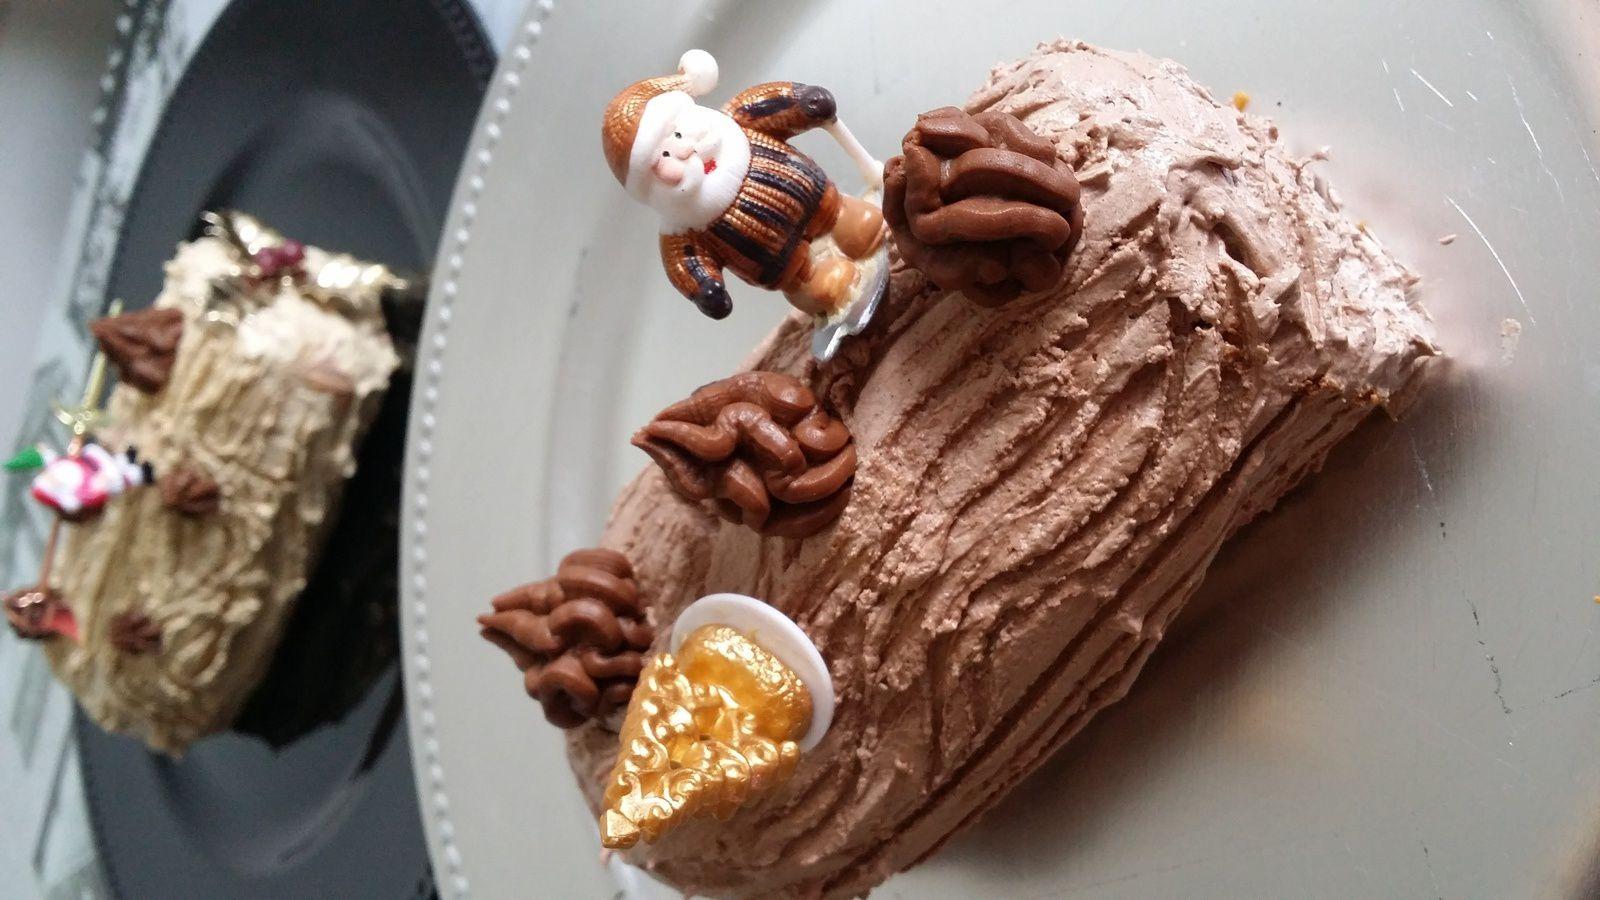 Bûche de Noël à la crème au beurre meringuée